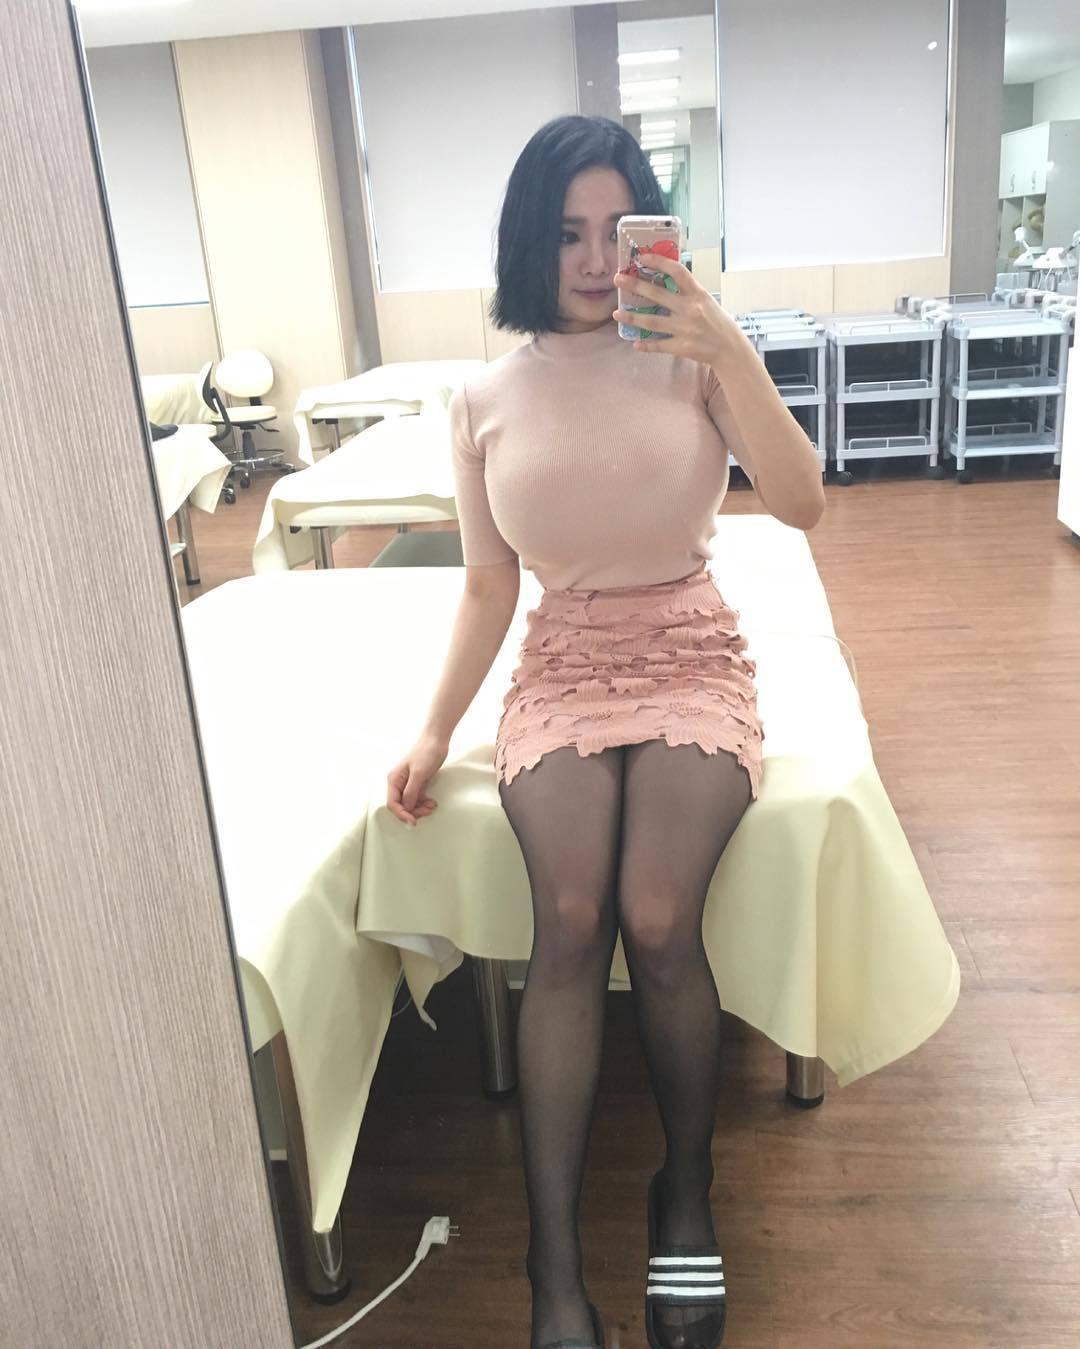 なにこの着衣爆乳wwwwwガチでこんな素人いるのかよwwwww(画像あり)・29枚目